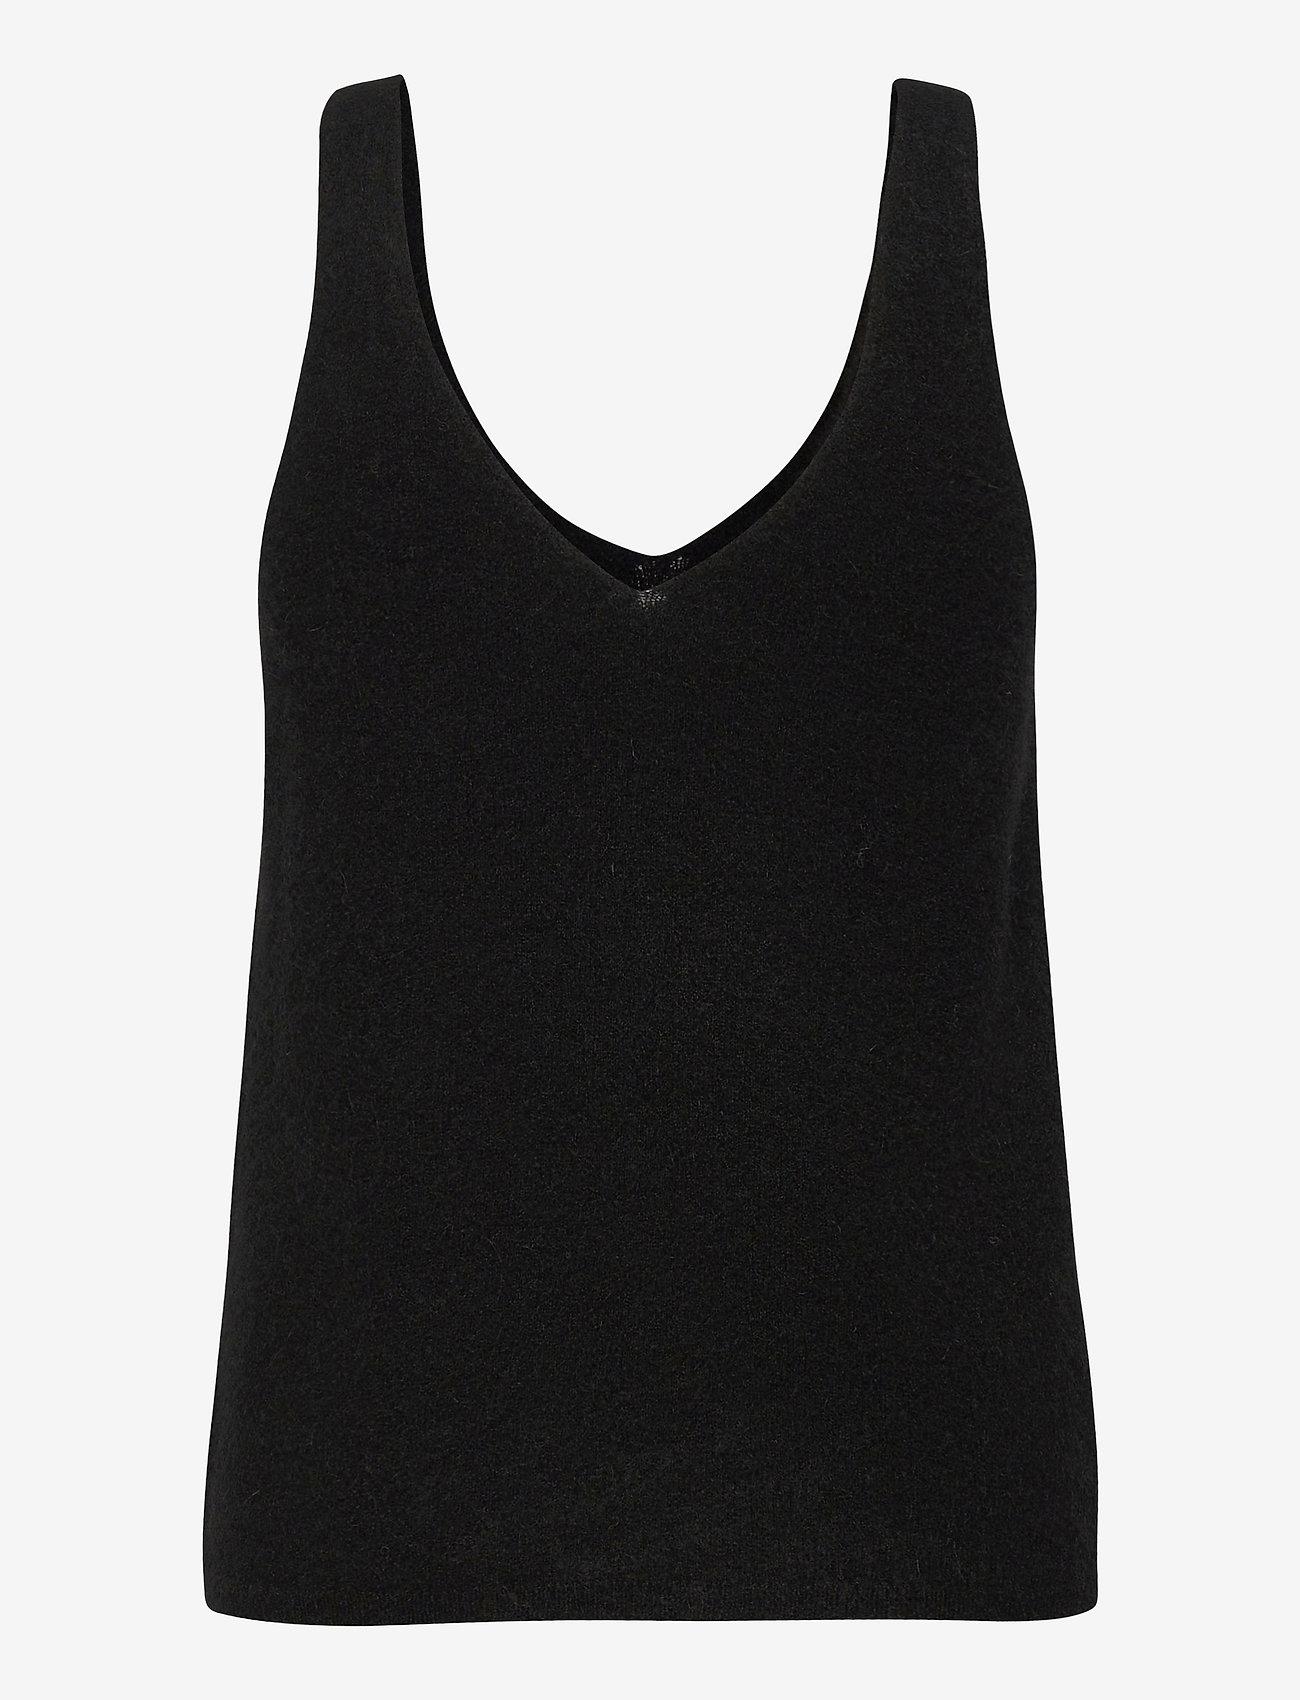 Stylein - ETOILE TOP - gebreide t-shirts - black - 1